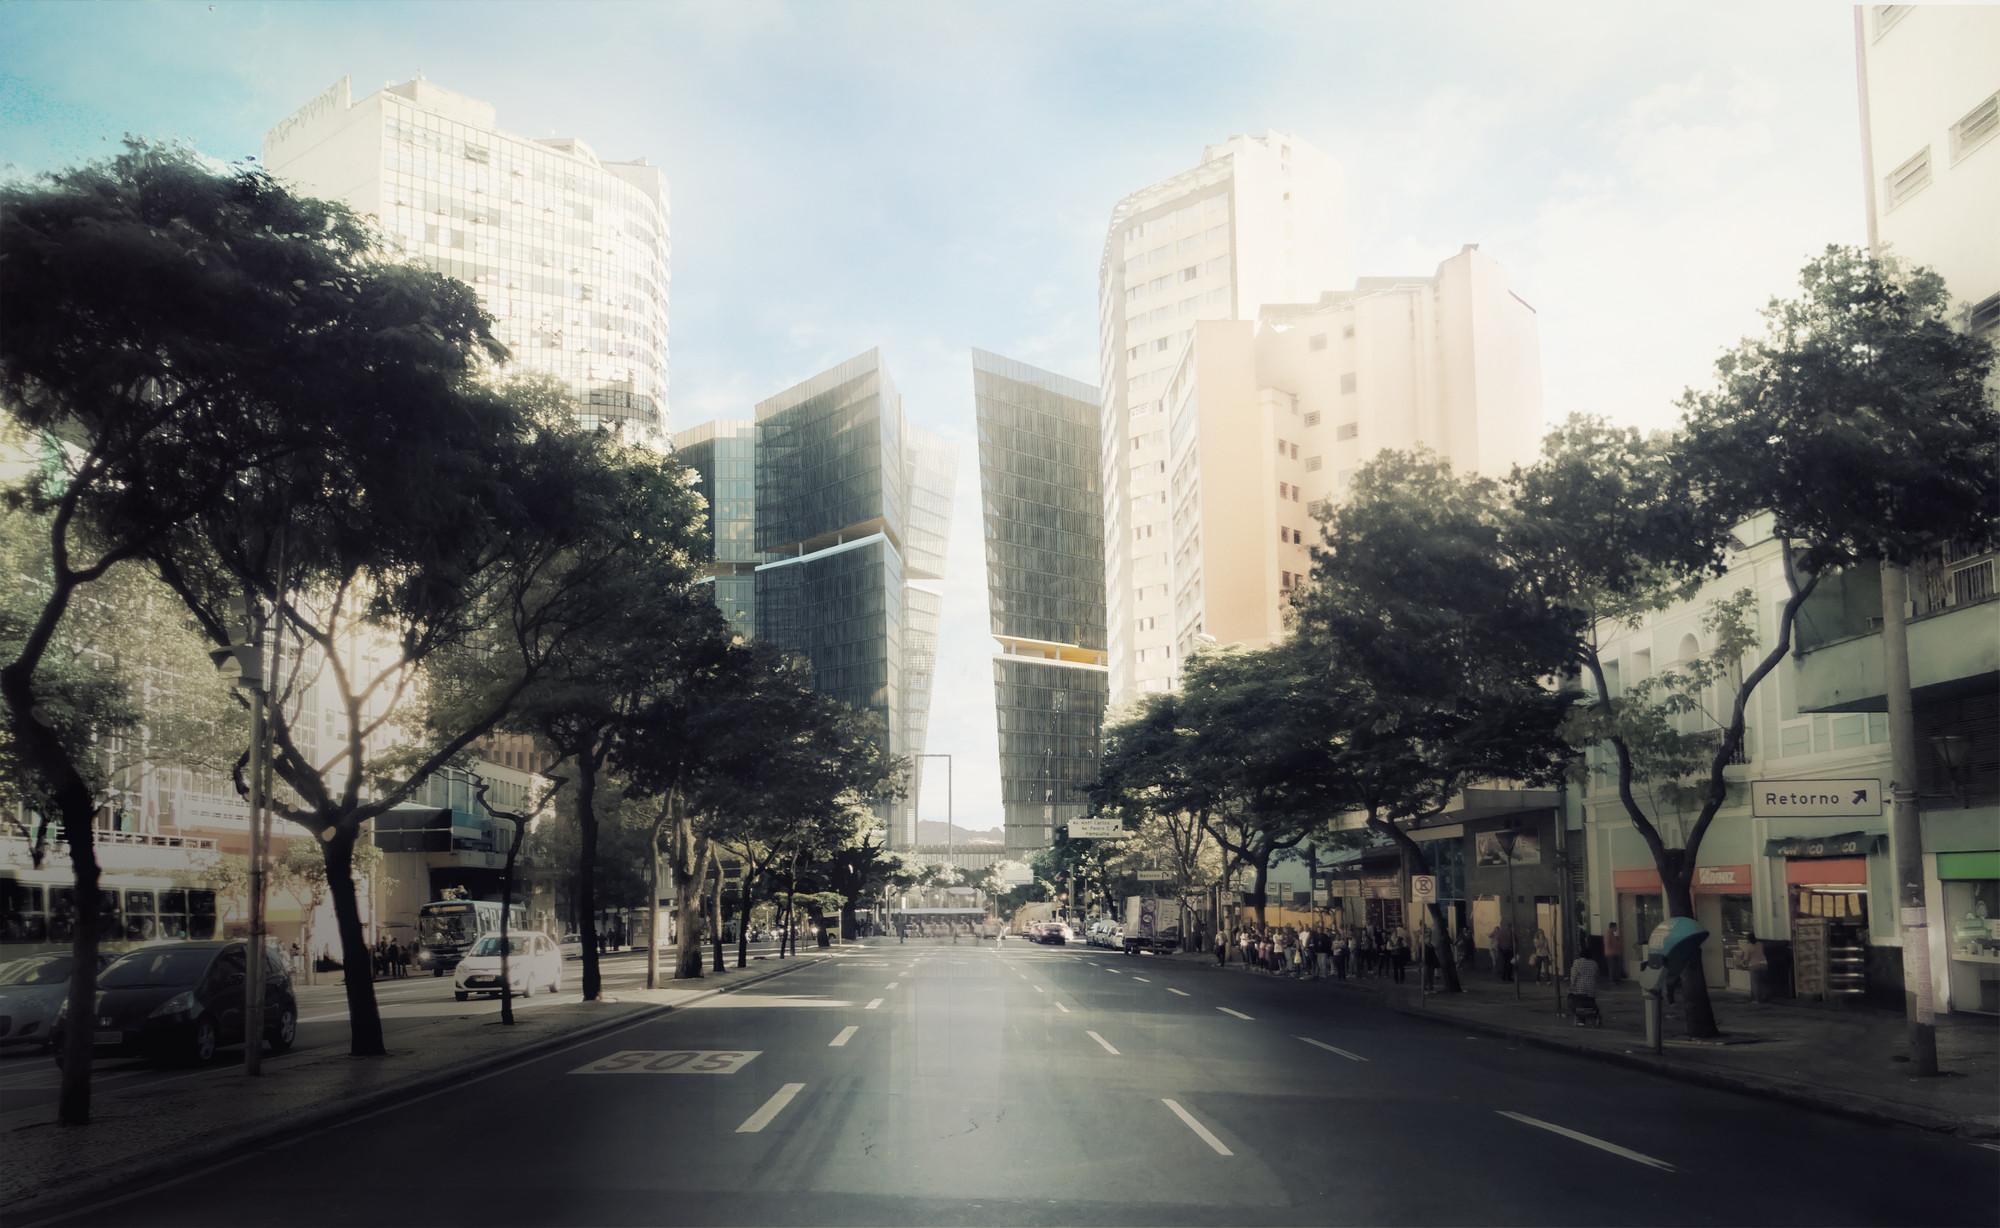 cbc606cbf0 Segundo Lugar no Concurso para o Centro Administrativo de Belo Horizonte    Vazio S A